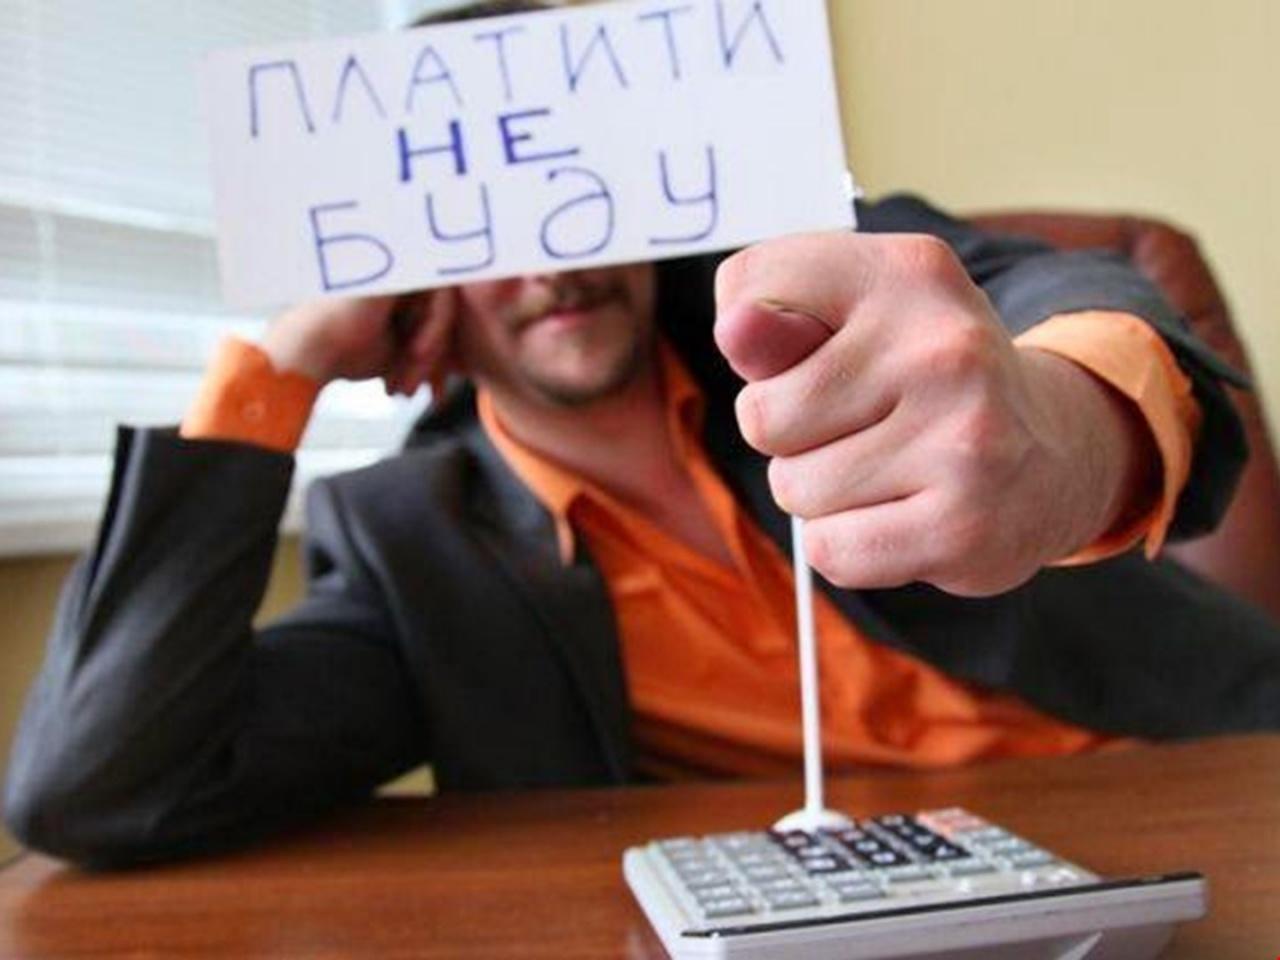 ВНовосергиевском районе руководитель учреждения осужден засокрытие 3,5 млн руб.